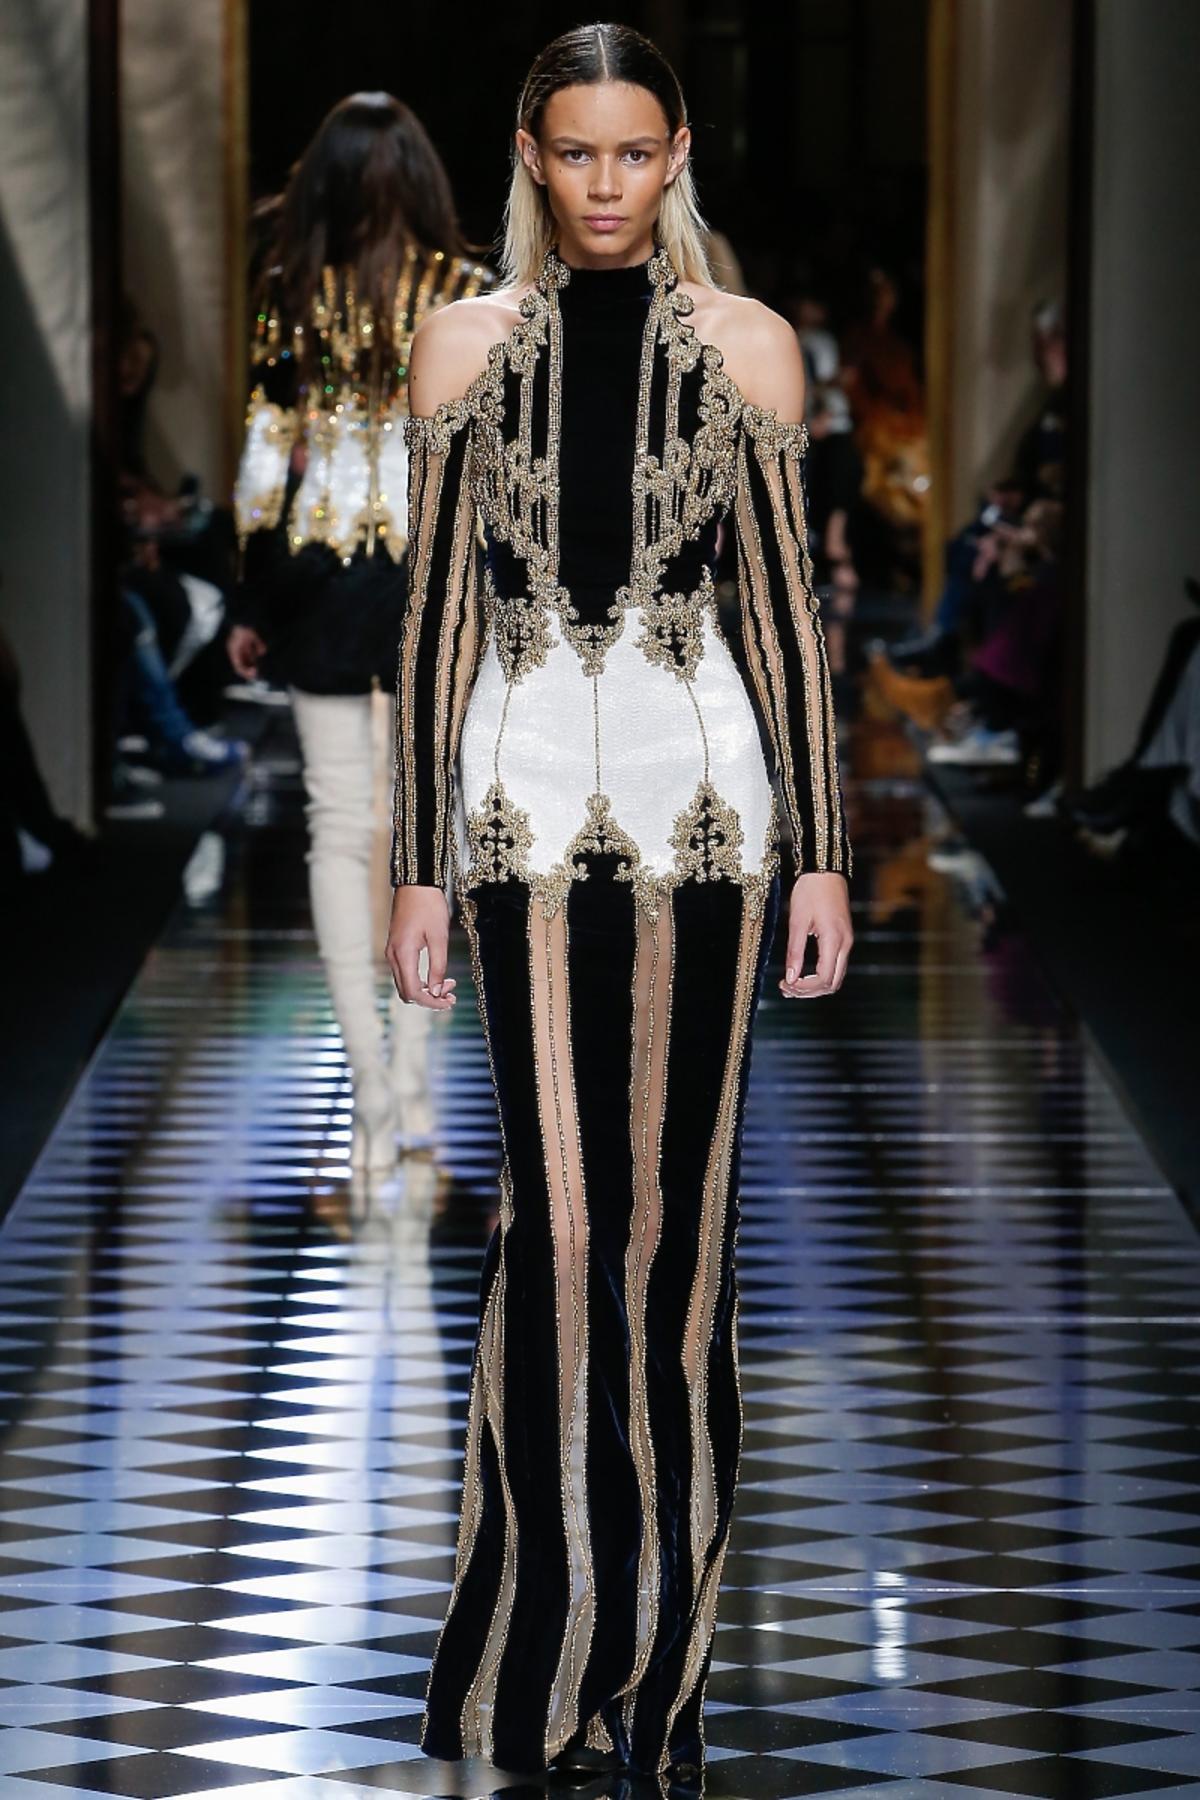 Modelka na wybiegu w długiej czarno-złotej sukni w pasy